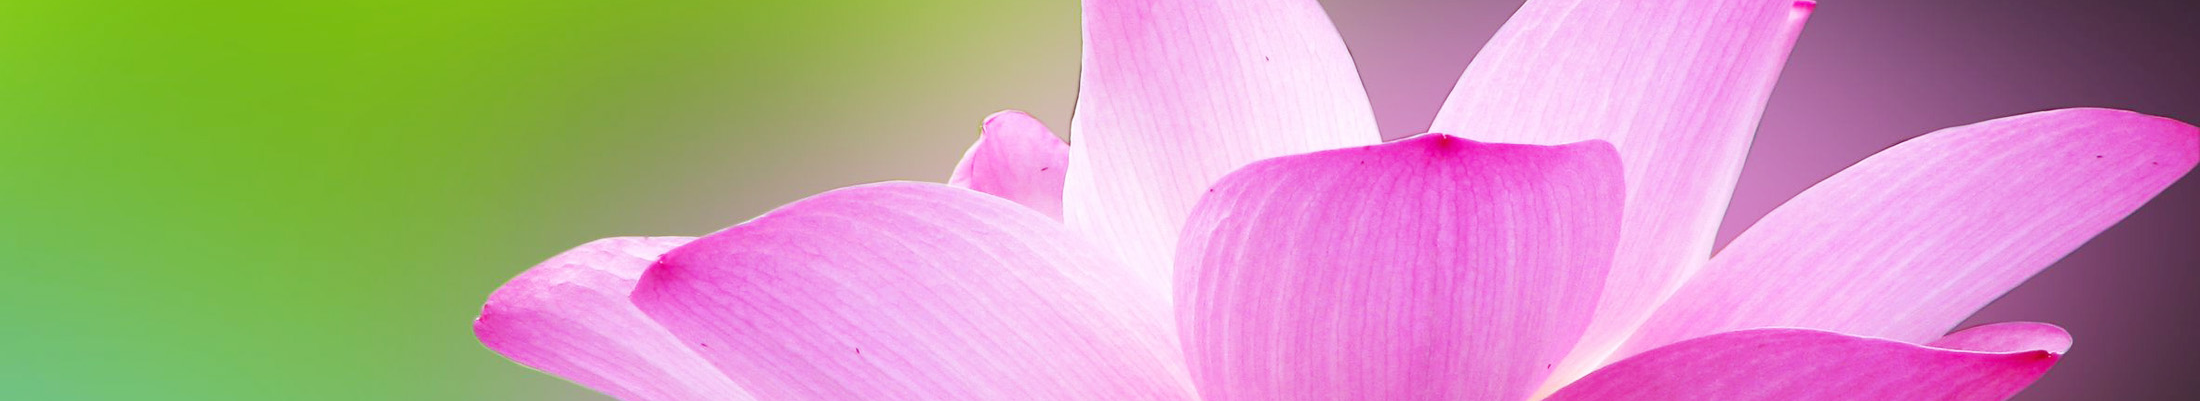 how-fertility-acupuncture-helps-women-men-empress-acupuncture-richmond-va.png